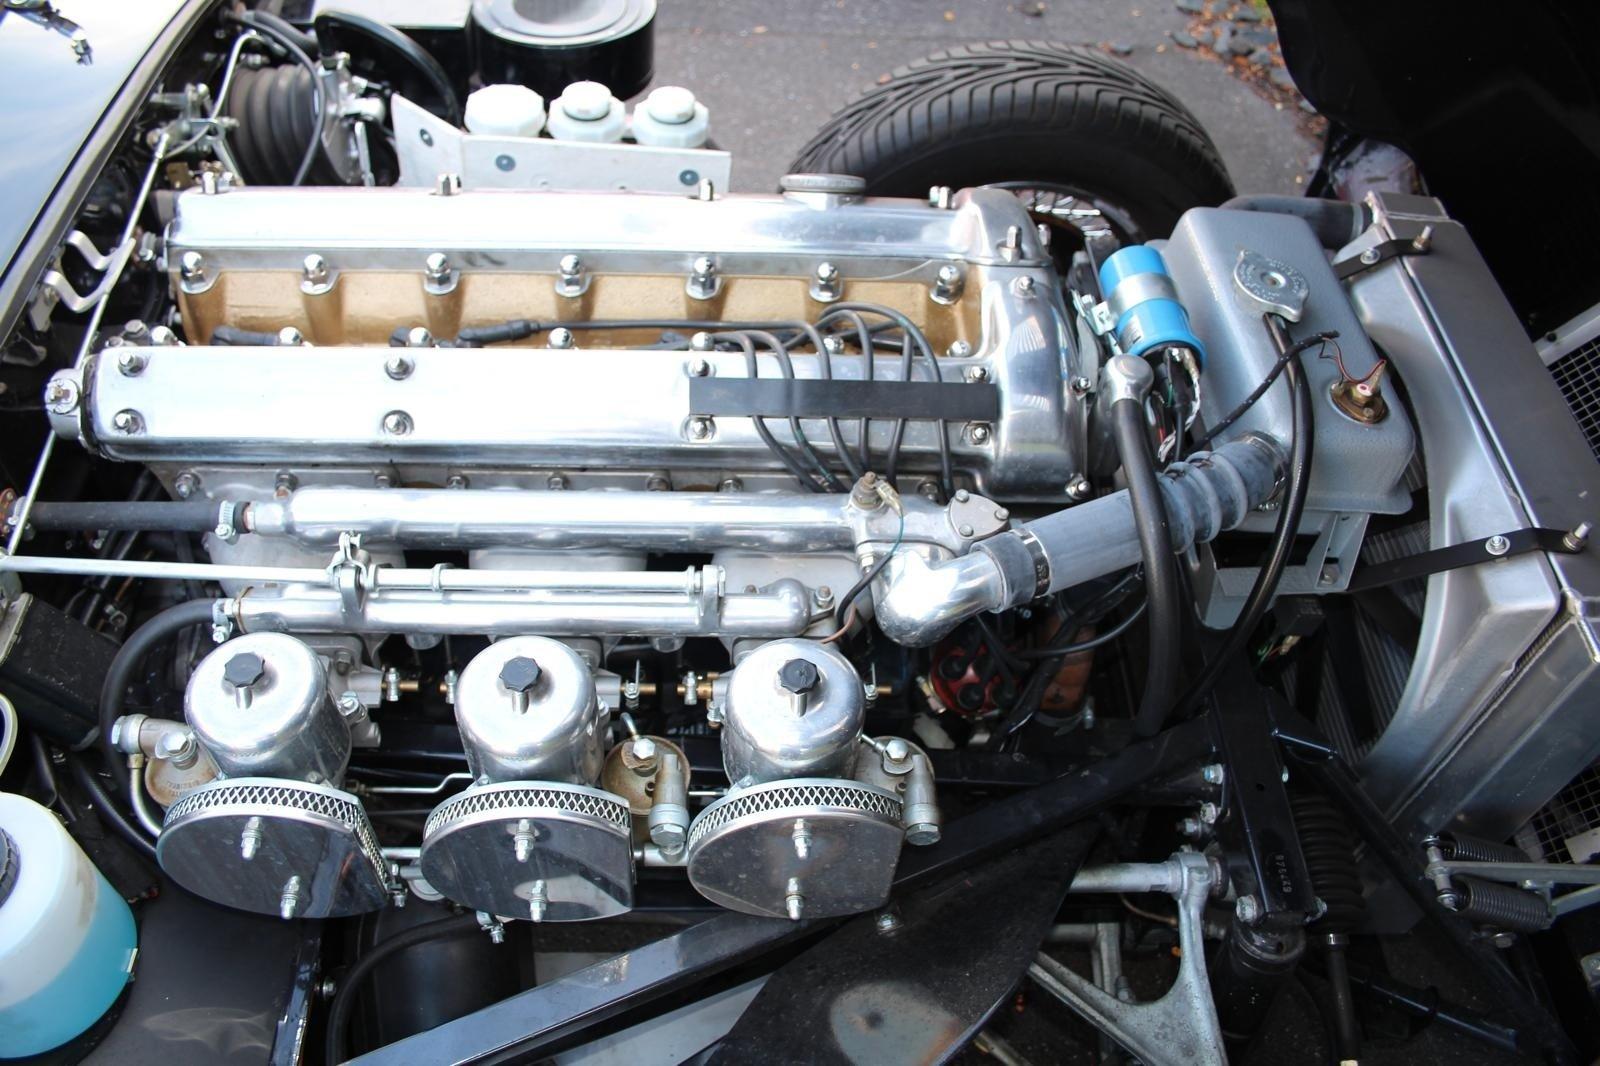 1962 Jaguar E-Type SI 3.8 Litre Coupé For Sale (picture 4 of 6)